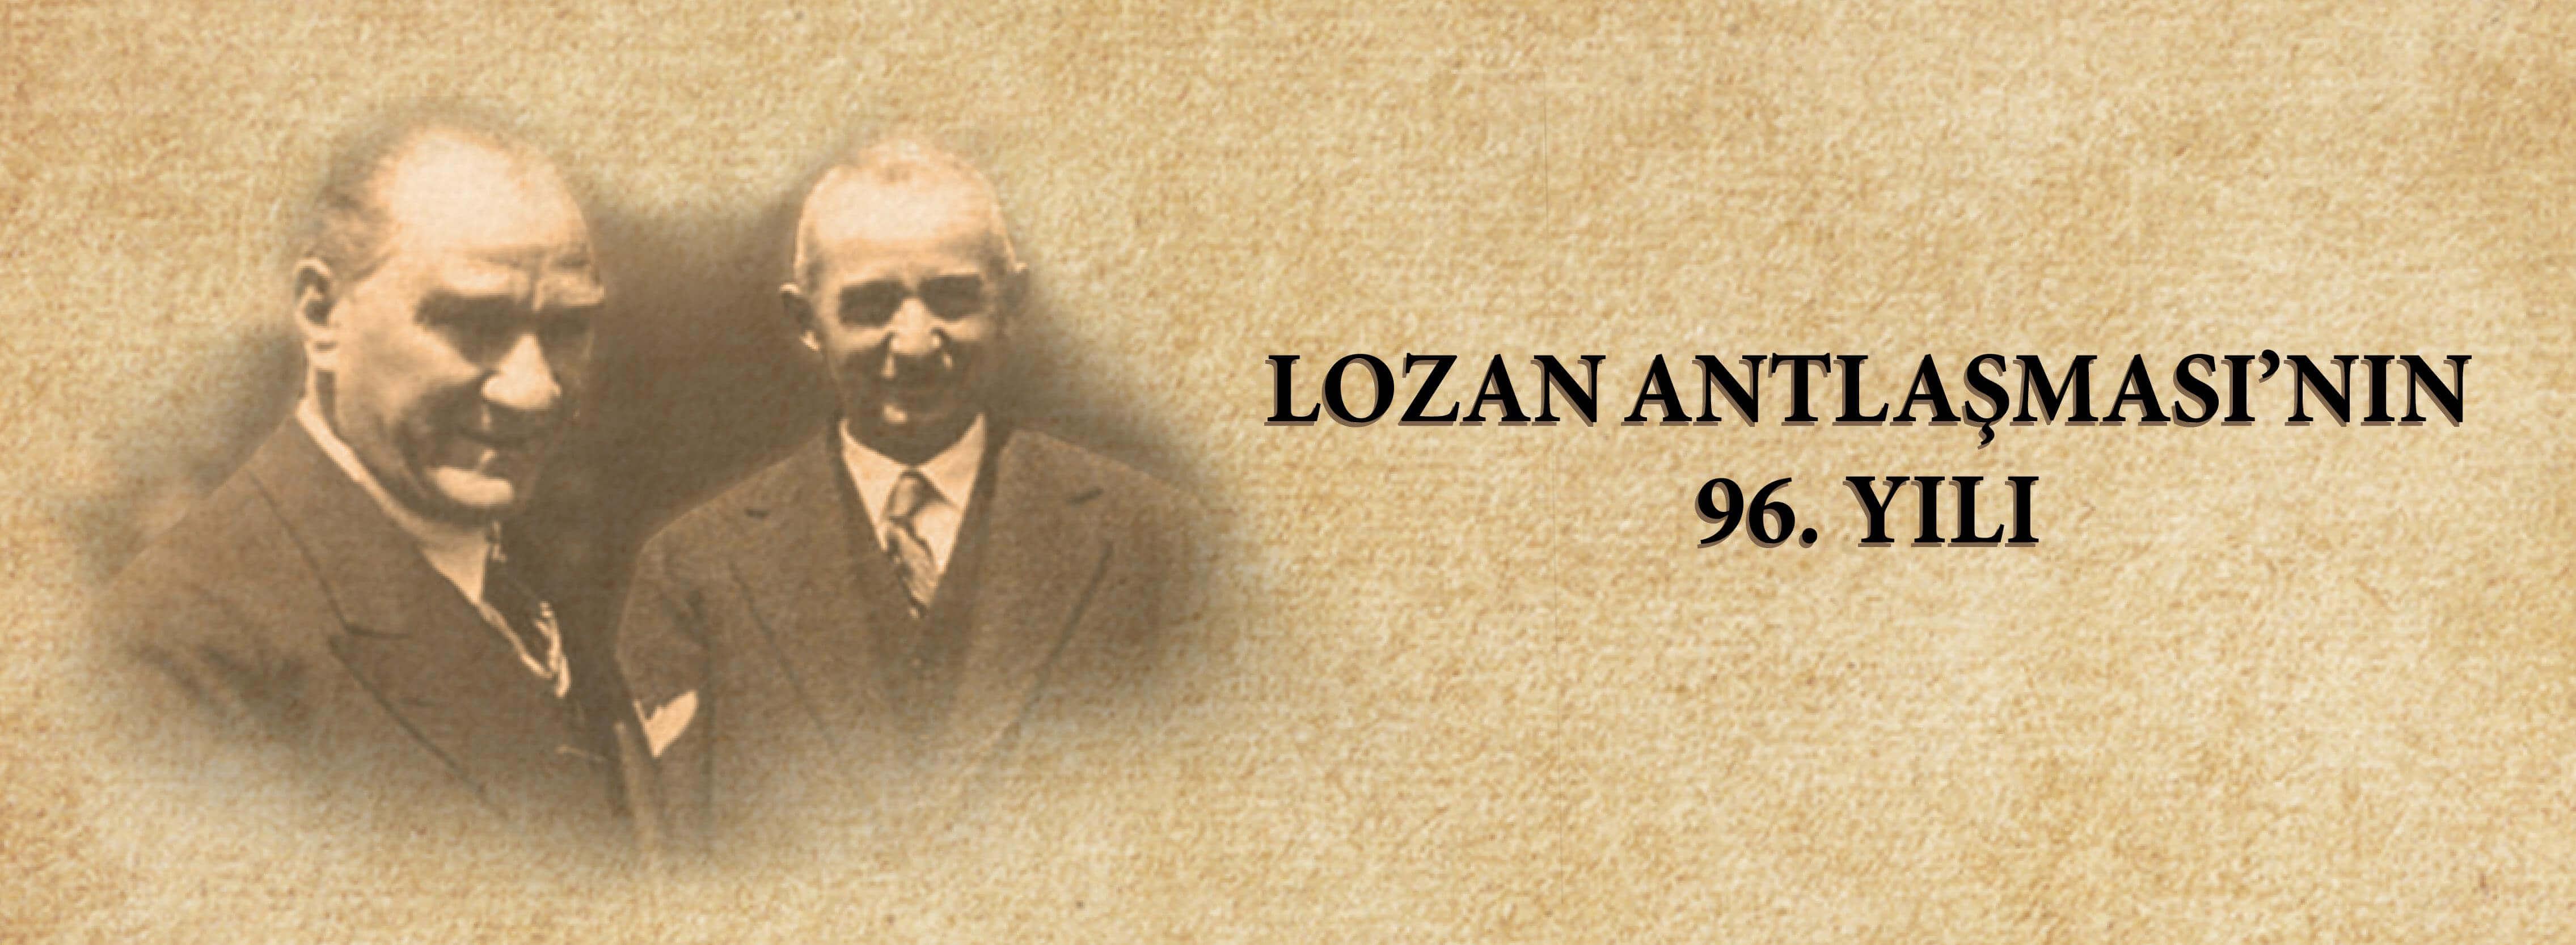 Belediye Başkanı Sayın Ülgür Gökhan'ın 24 Temmuz Lozan Antlaşmasının Yıldönümü Mesajı...